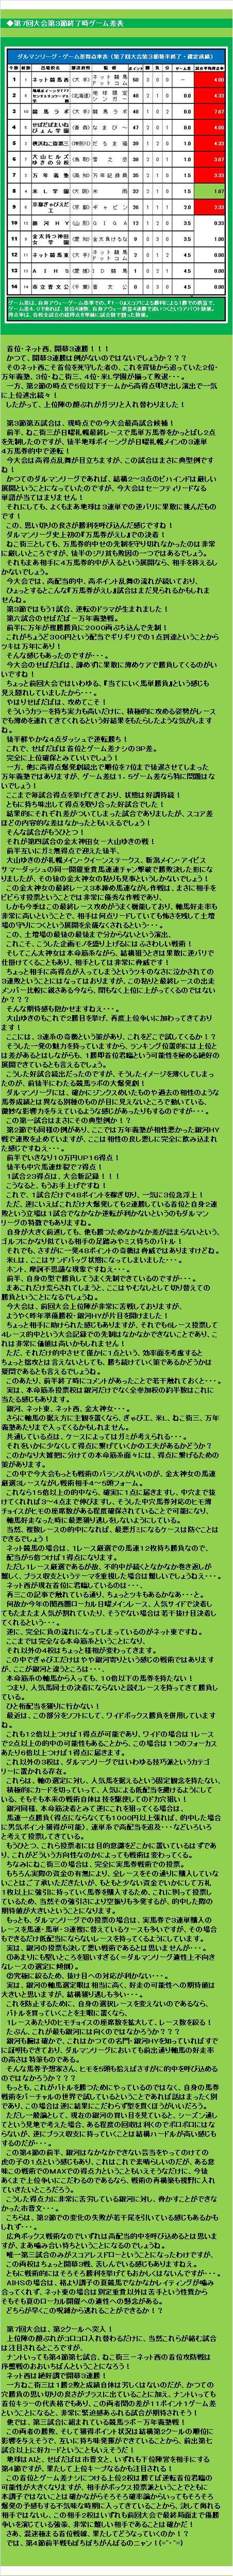 20150814・ダルマンリーグ第3節後半終了結果③.jpg